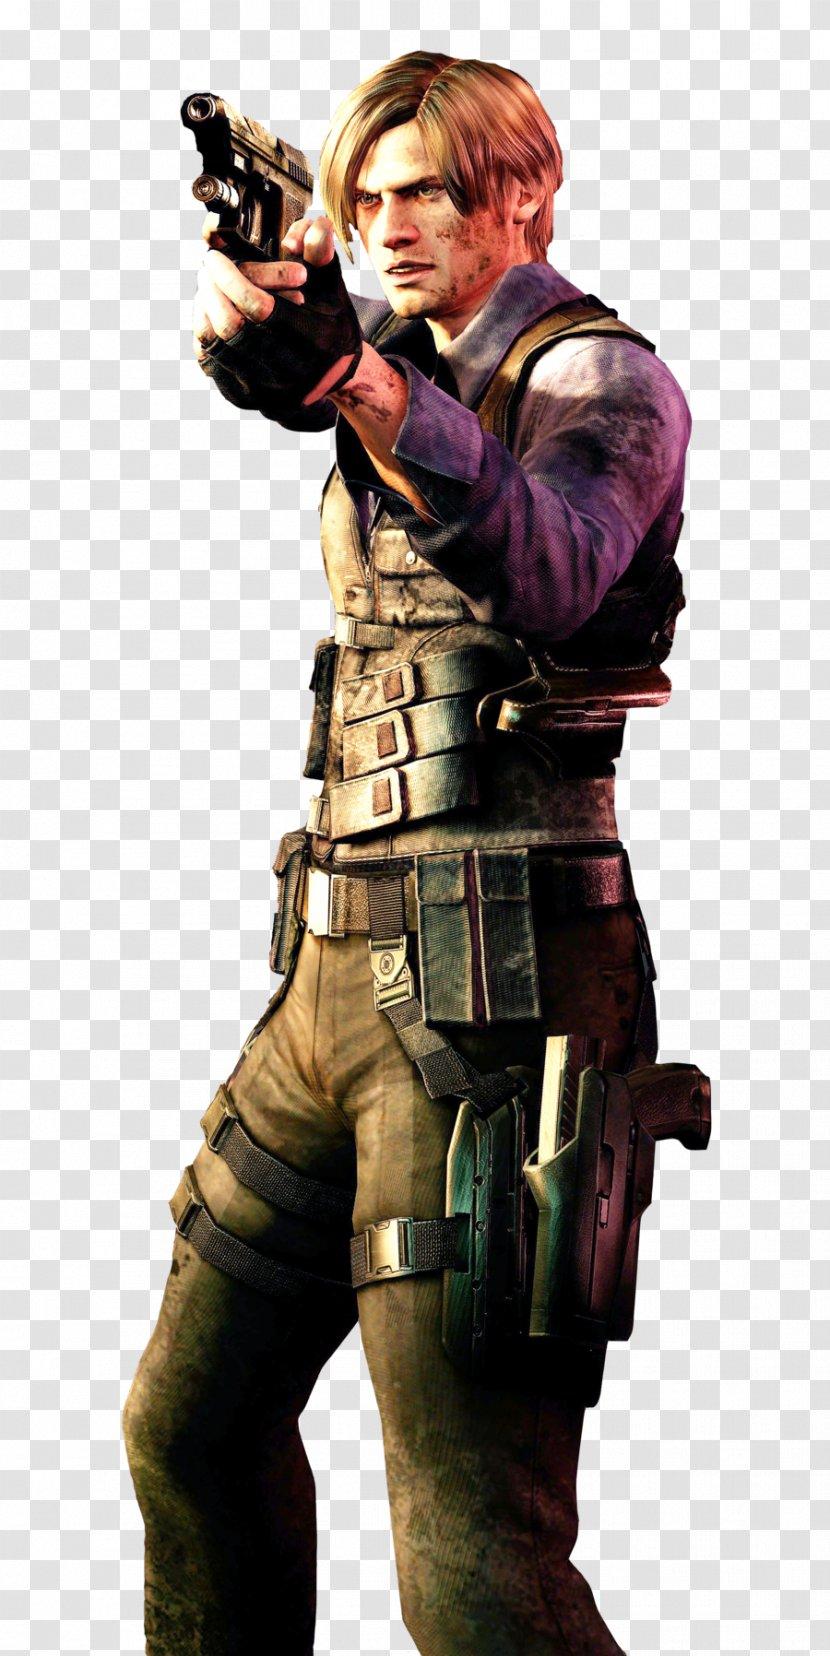 Resident Evil 6 4 Evil The Darkside Chronicles Leon S Kennedy